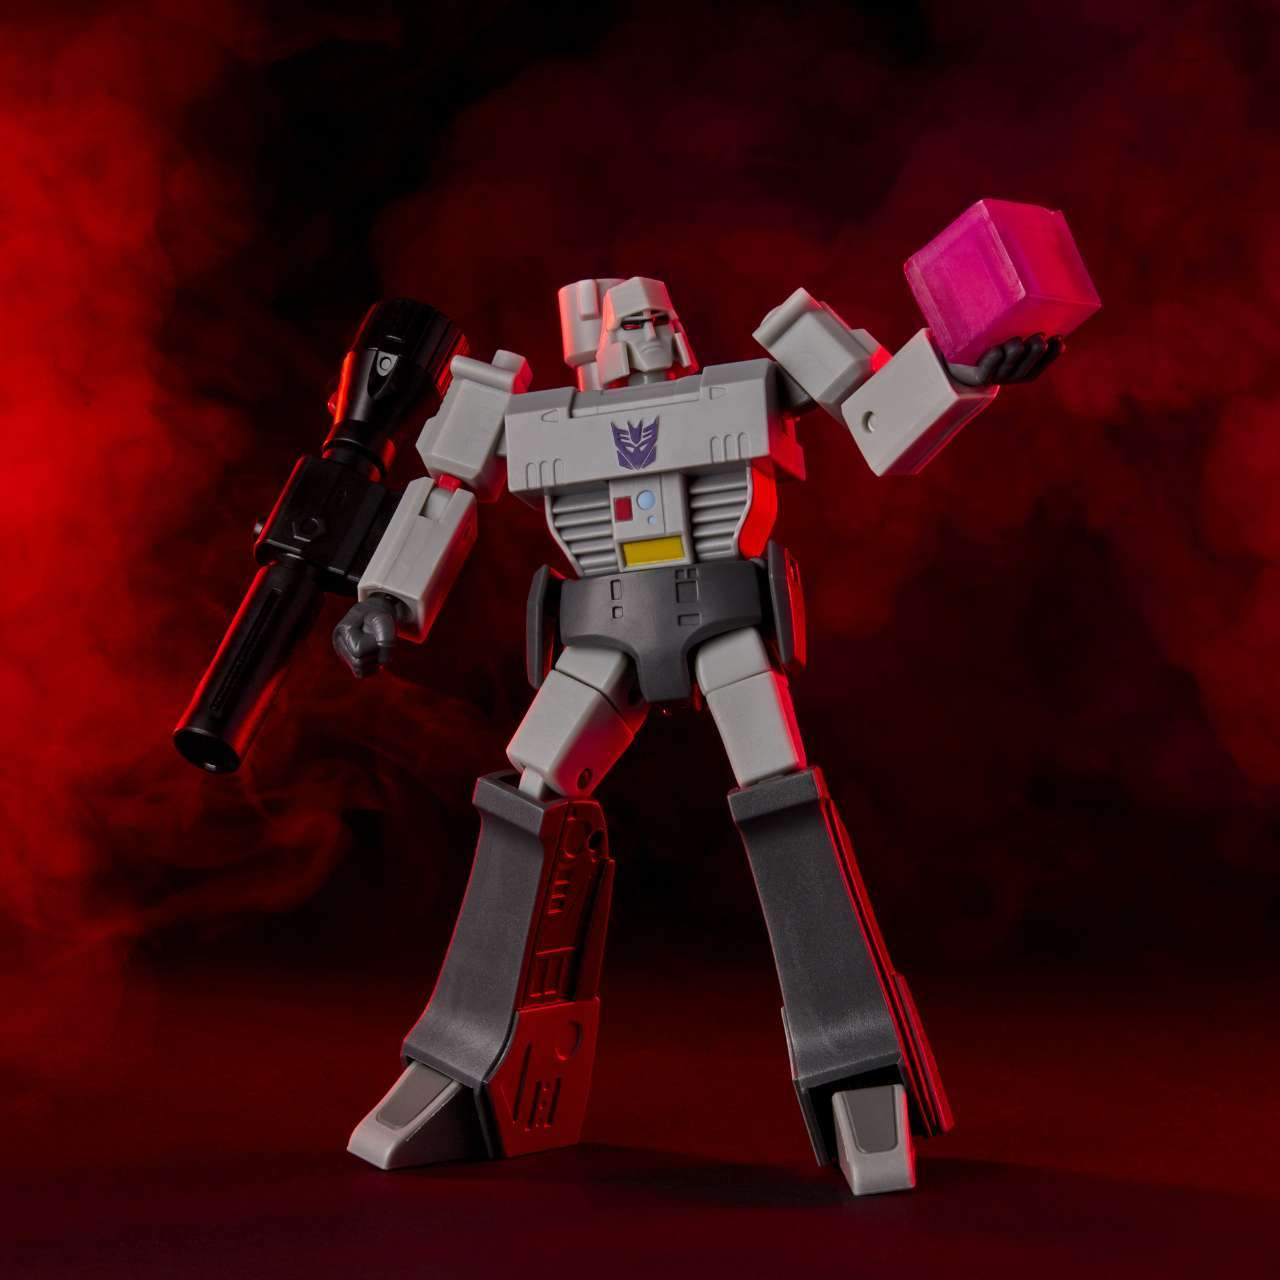 transformers-redfd80c910-730a-40f3-97fb-0ae57cb43556.be49802bfcd572b66afbdc91cf3a76f1